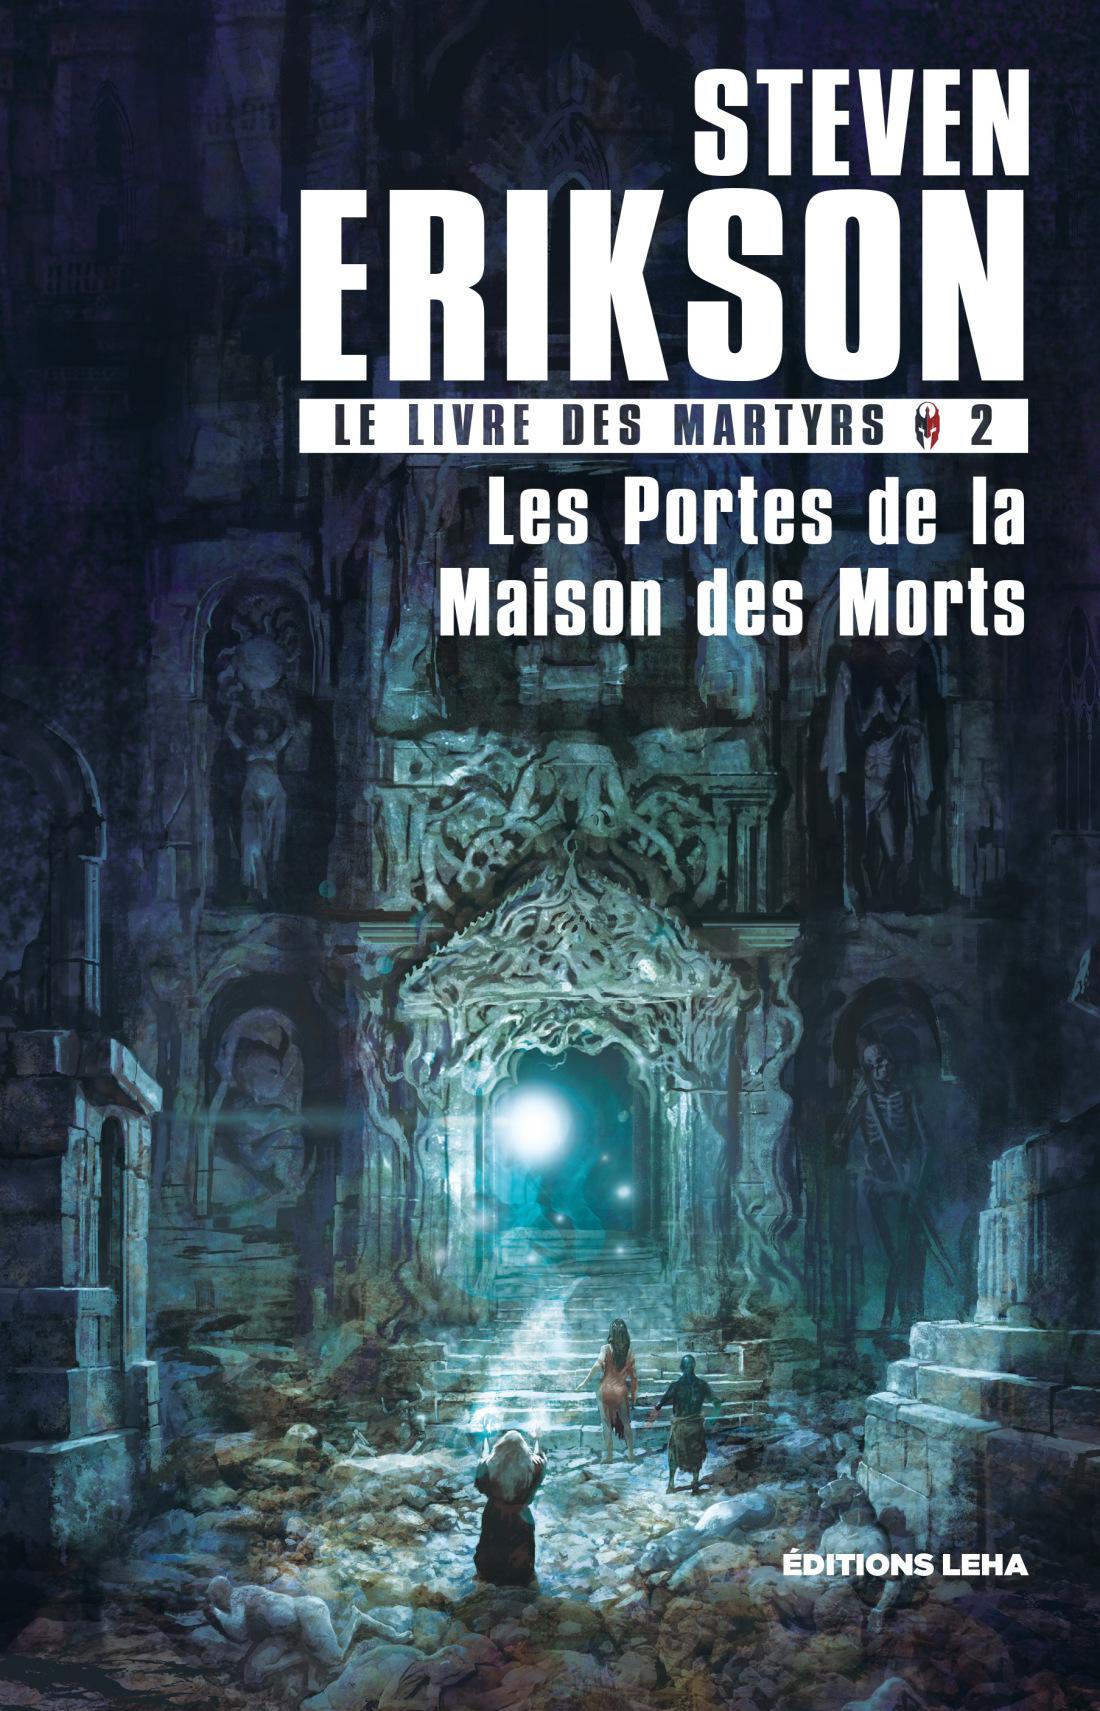 Revue Littéraire : Les Portes de la Maison des Morts de StevenErikson